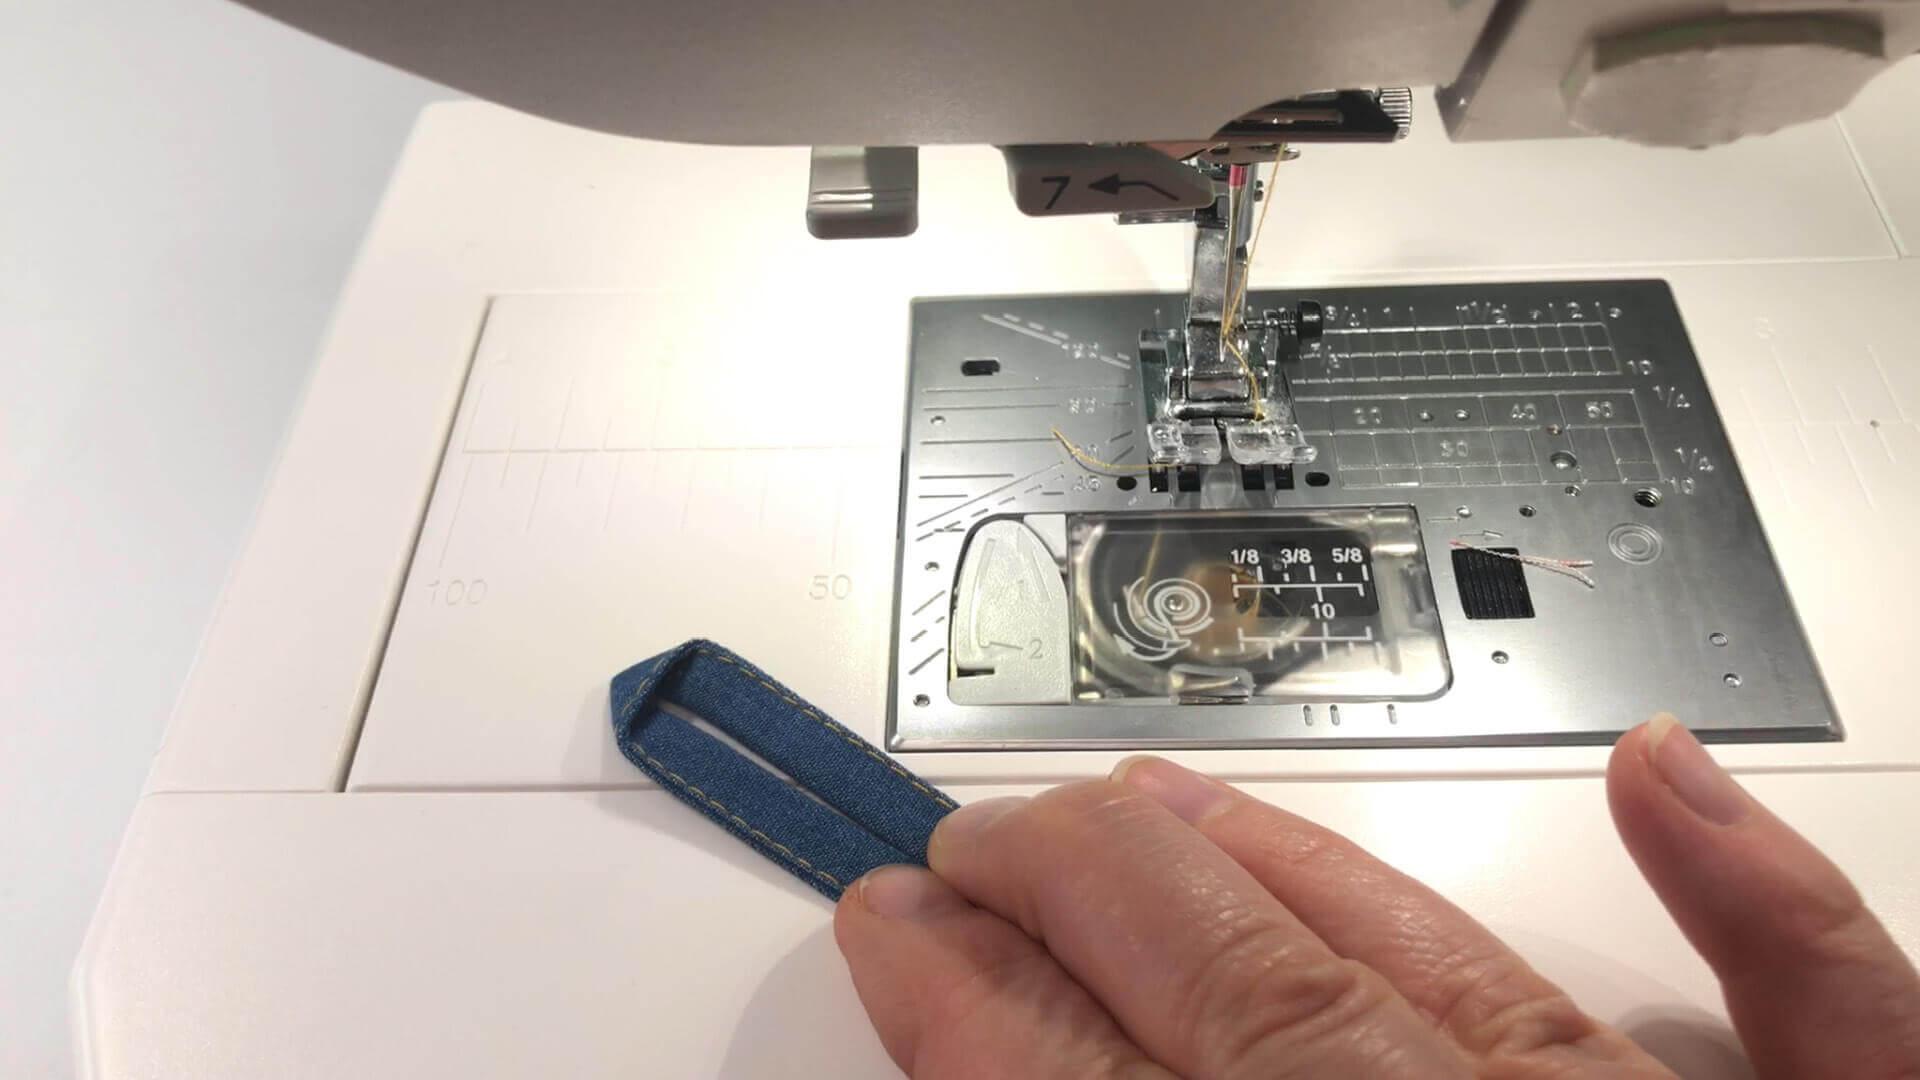 Nähanleitung Paspeltasche - Knopfschlaufe steppen und falten